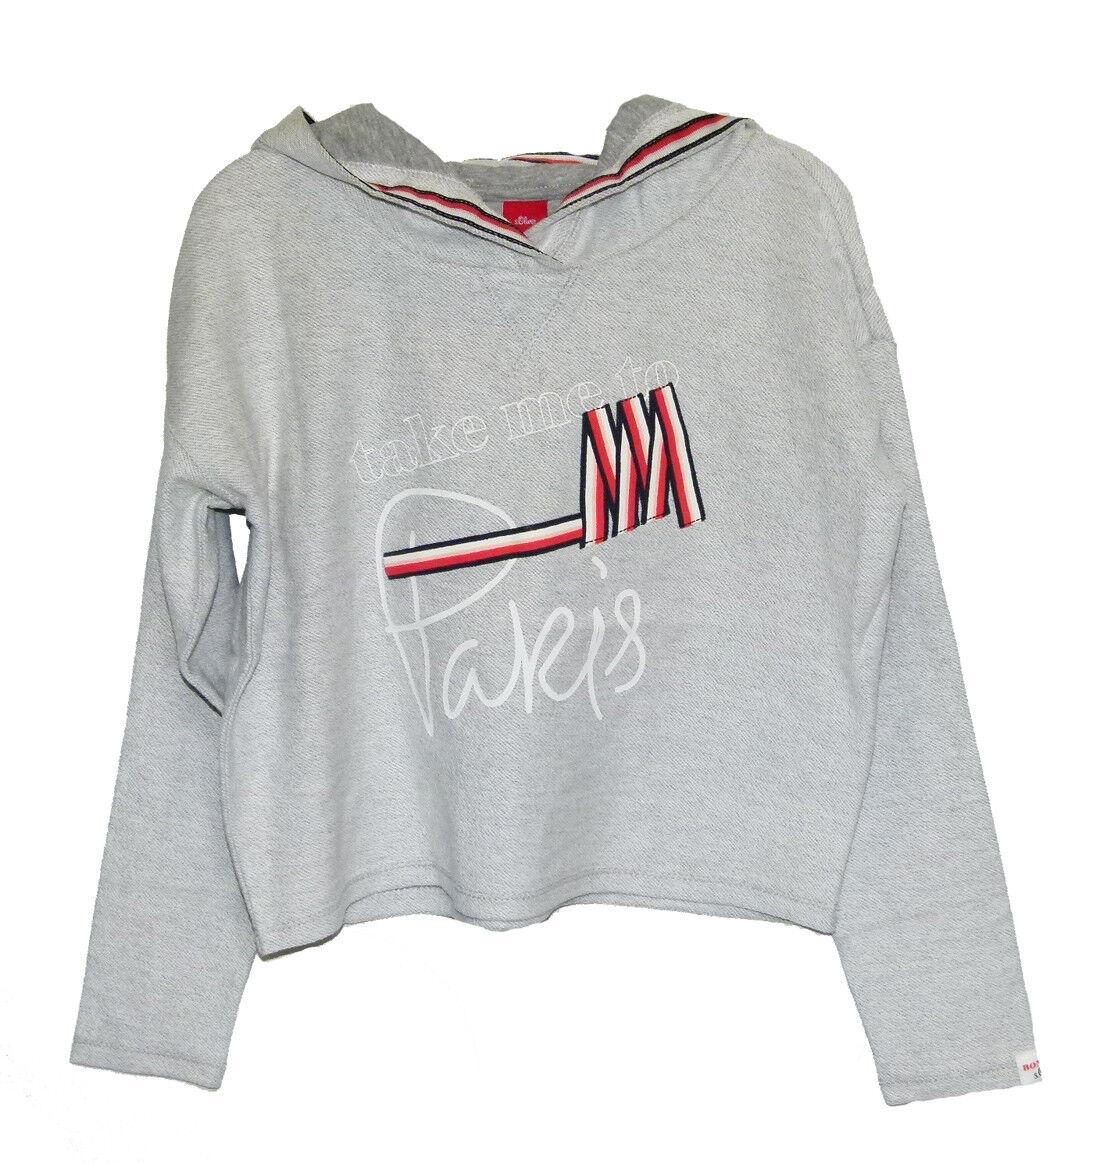 s.Oliver Mädchen kurzer Pullover / Crop Sweatshirt mit Kapuze in grau 9400